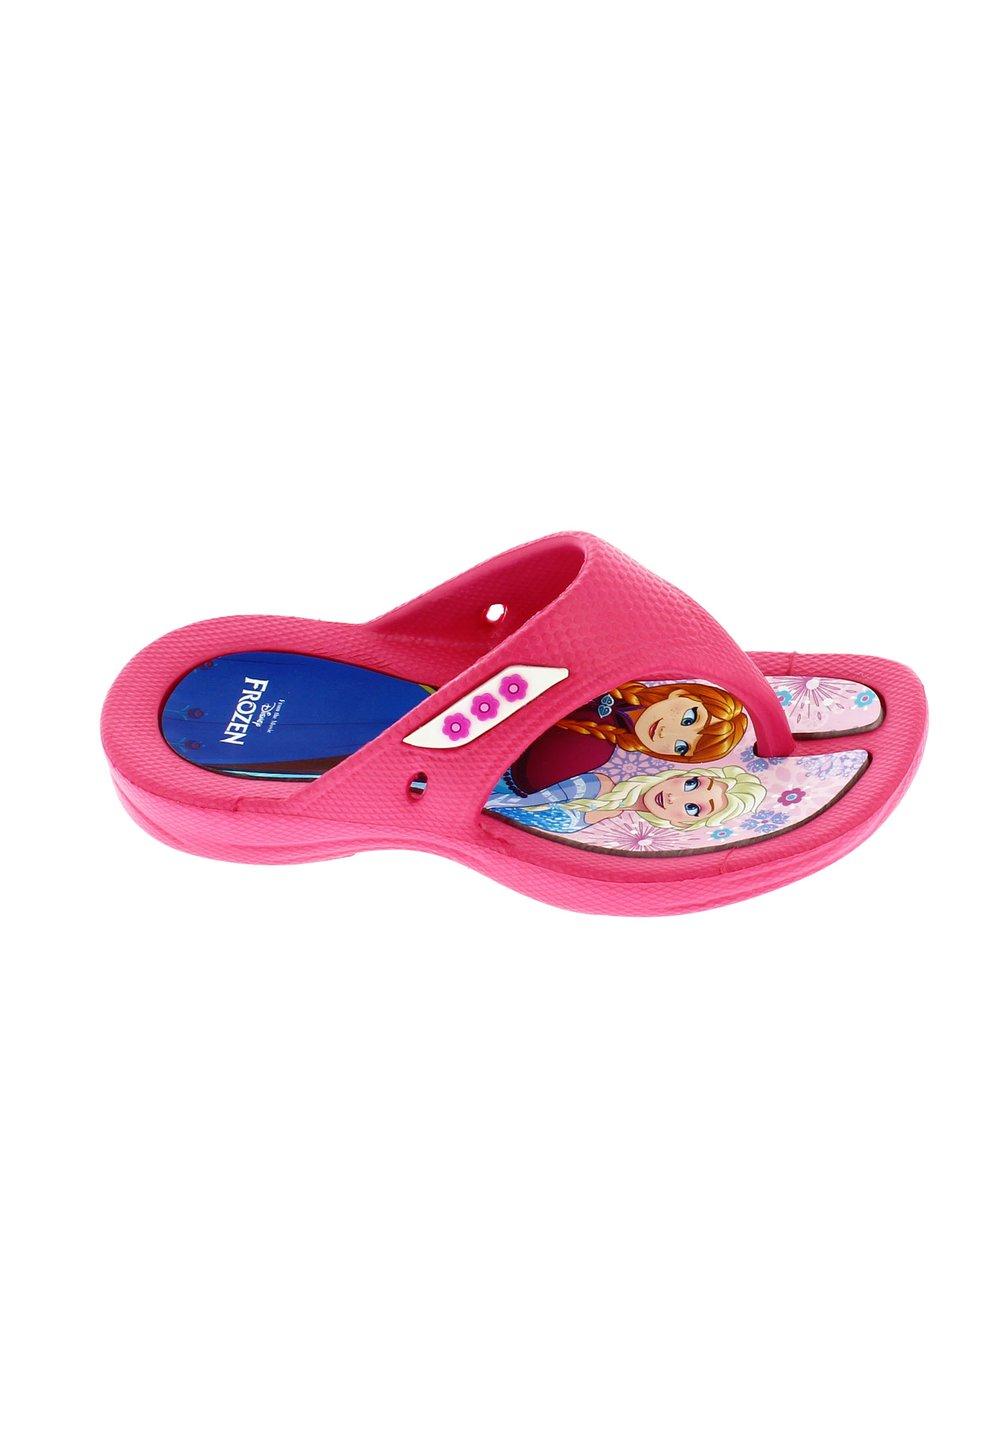 Papuci flip flop, Anna si Elsa, roz imagine